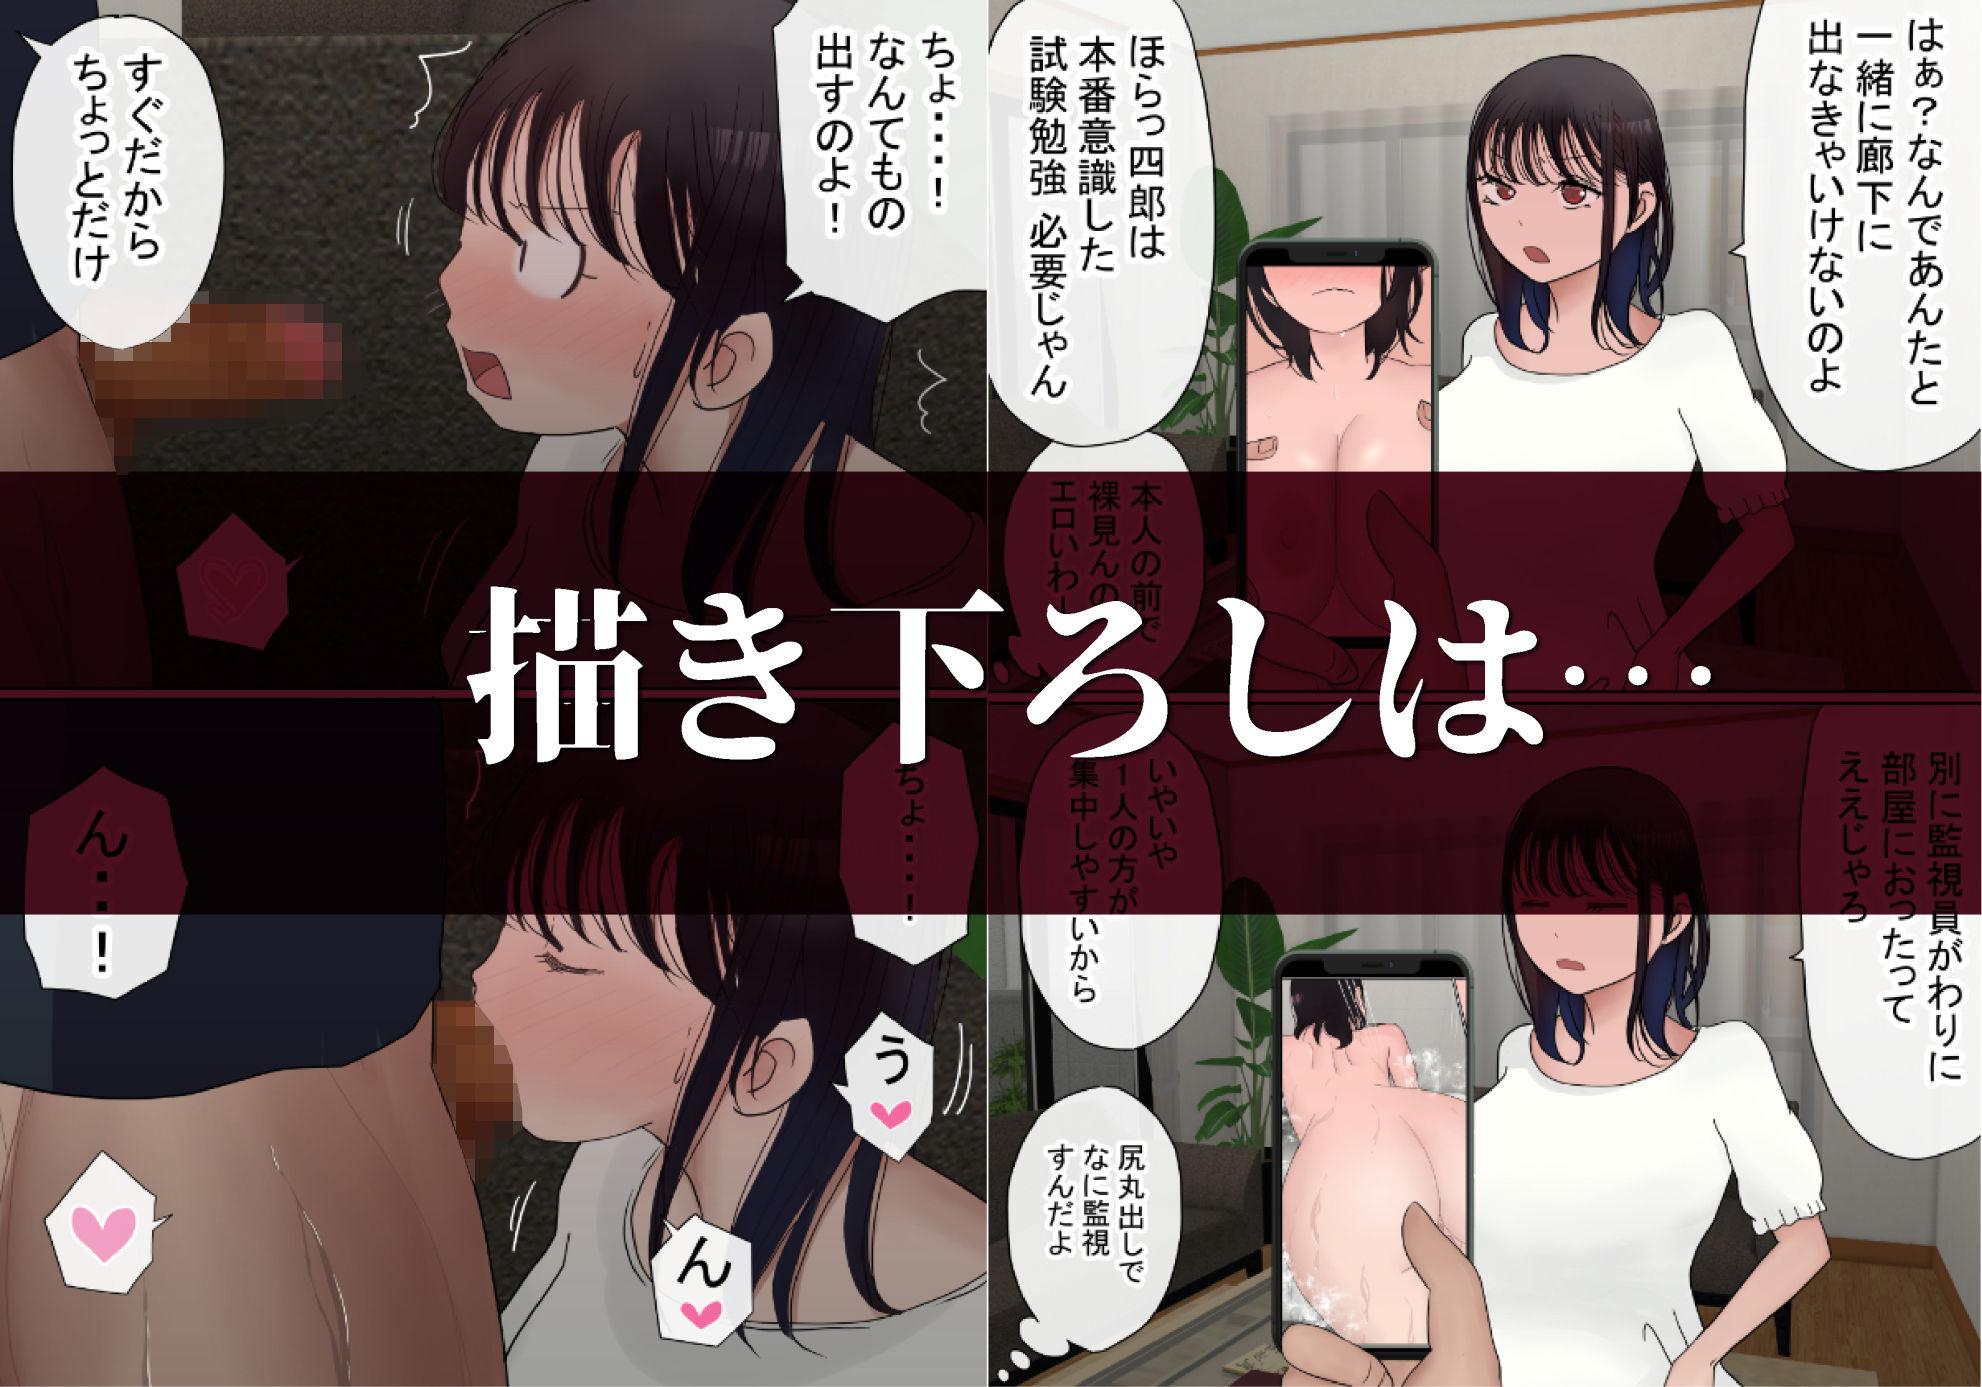 赤本大全【同人エロ漫画】(赤本アカモト)7